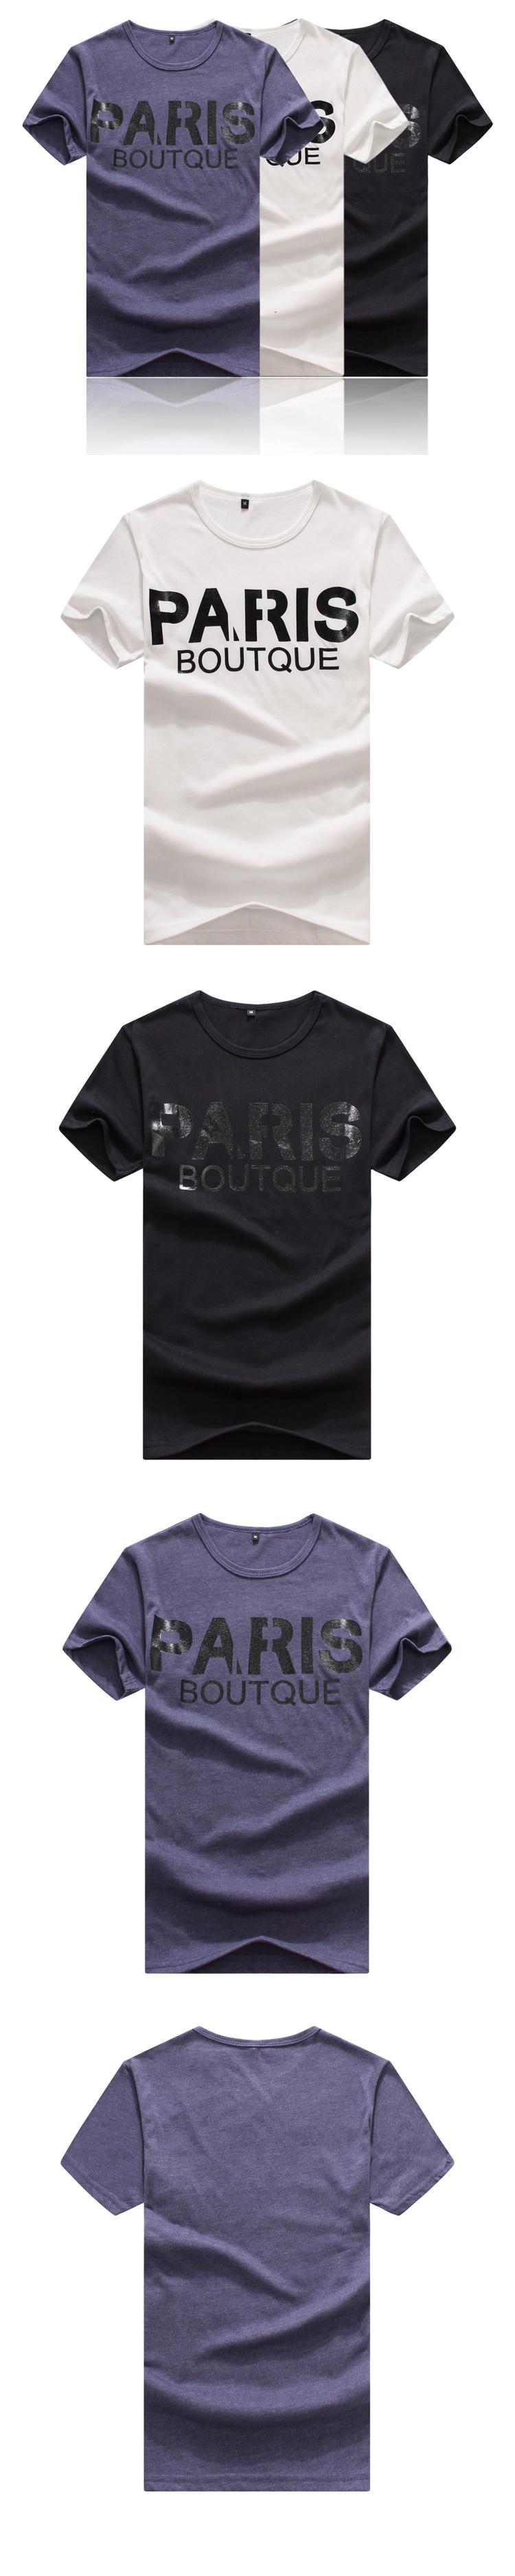 短T.造型短T.潮T.Tshirt.情侶裝.情侶T恤.PARIS BOUTQUE  【MD009】艾咪E舖.班服